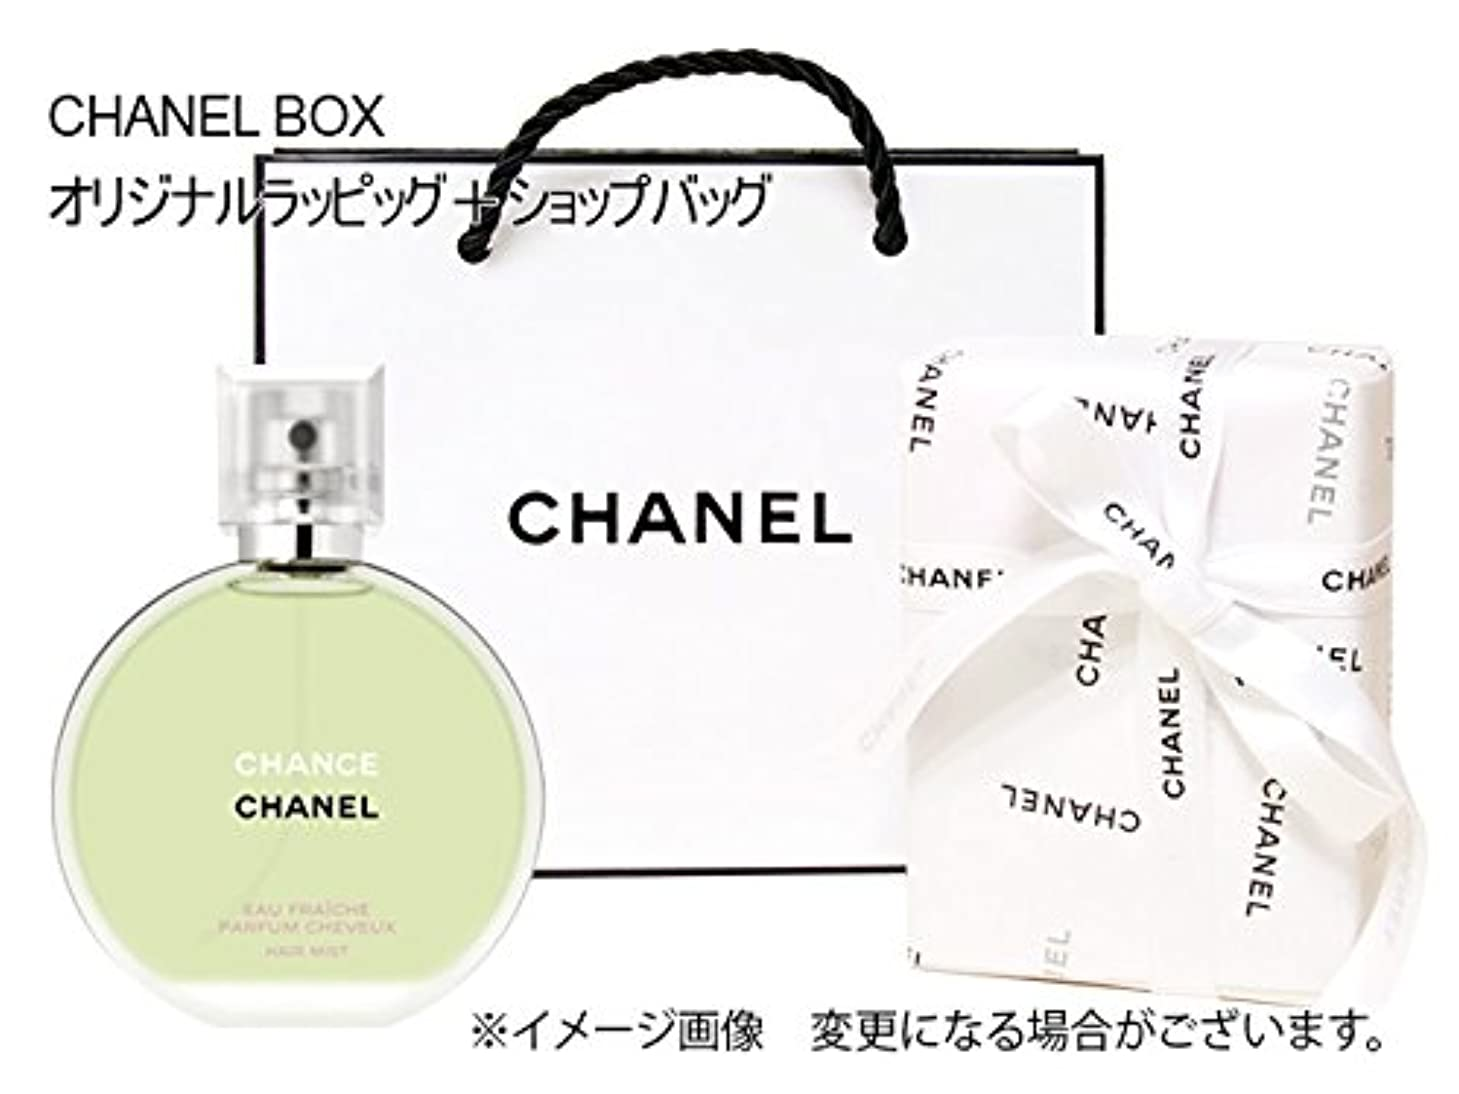 役に立たないお組み込むCHANEL(シャネル) CHANCE EAU FRAICHE PARFUM CHEVEUX HAIR MIST シャネル チャンス オーフレッシュ ヘアミスト35ml CHANEL BOX オリジナルラッピング+ショップバッグ(並行輸入)